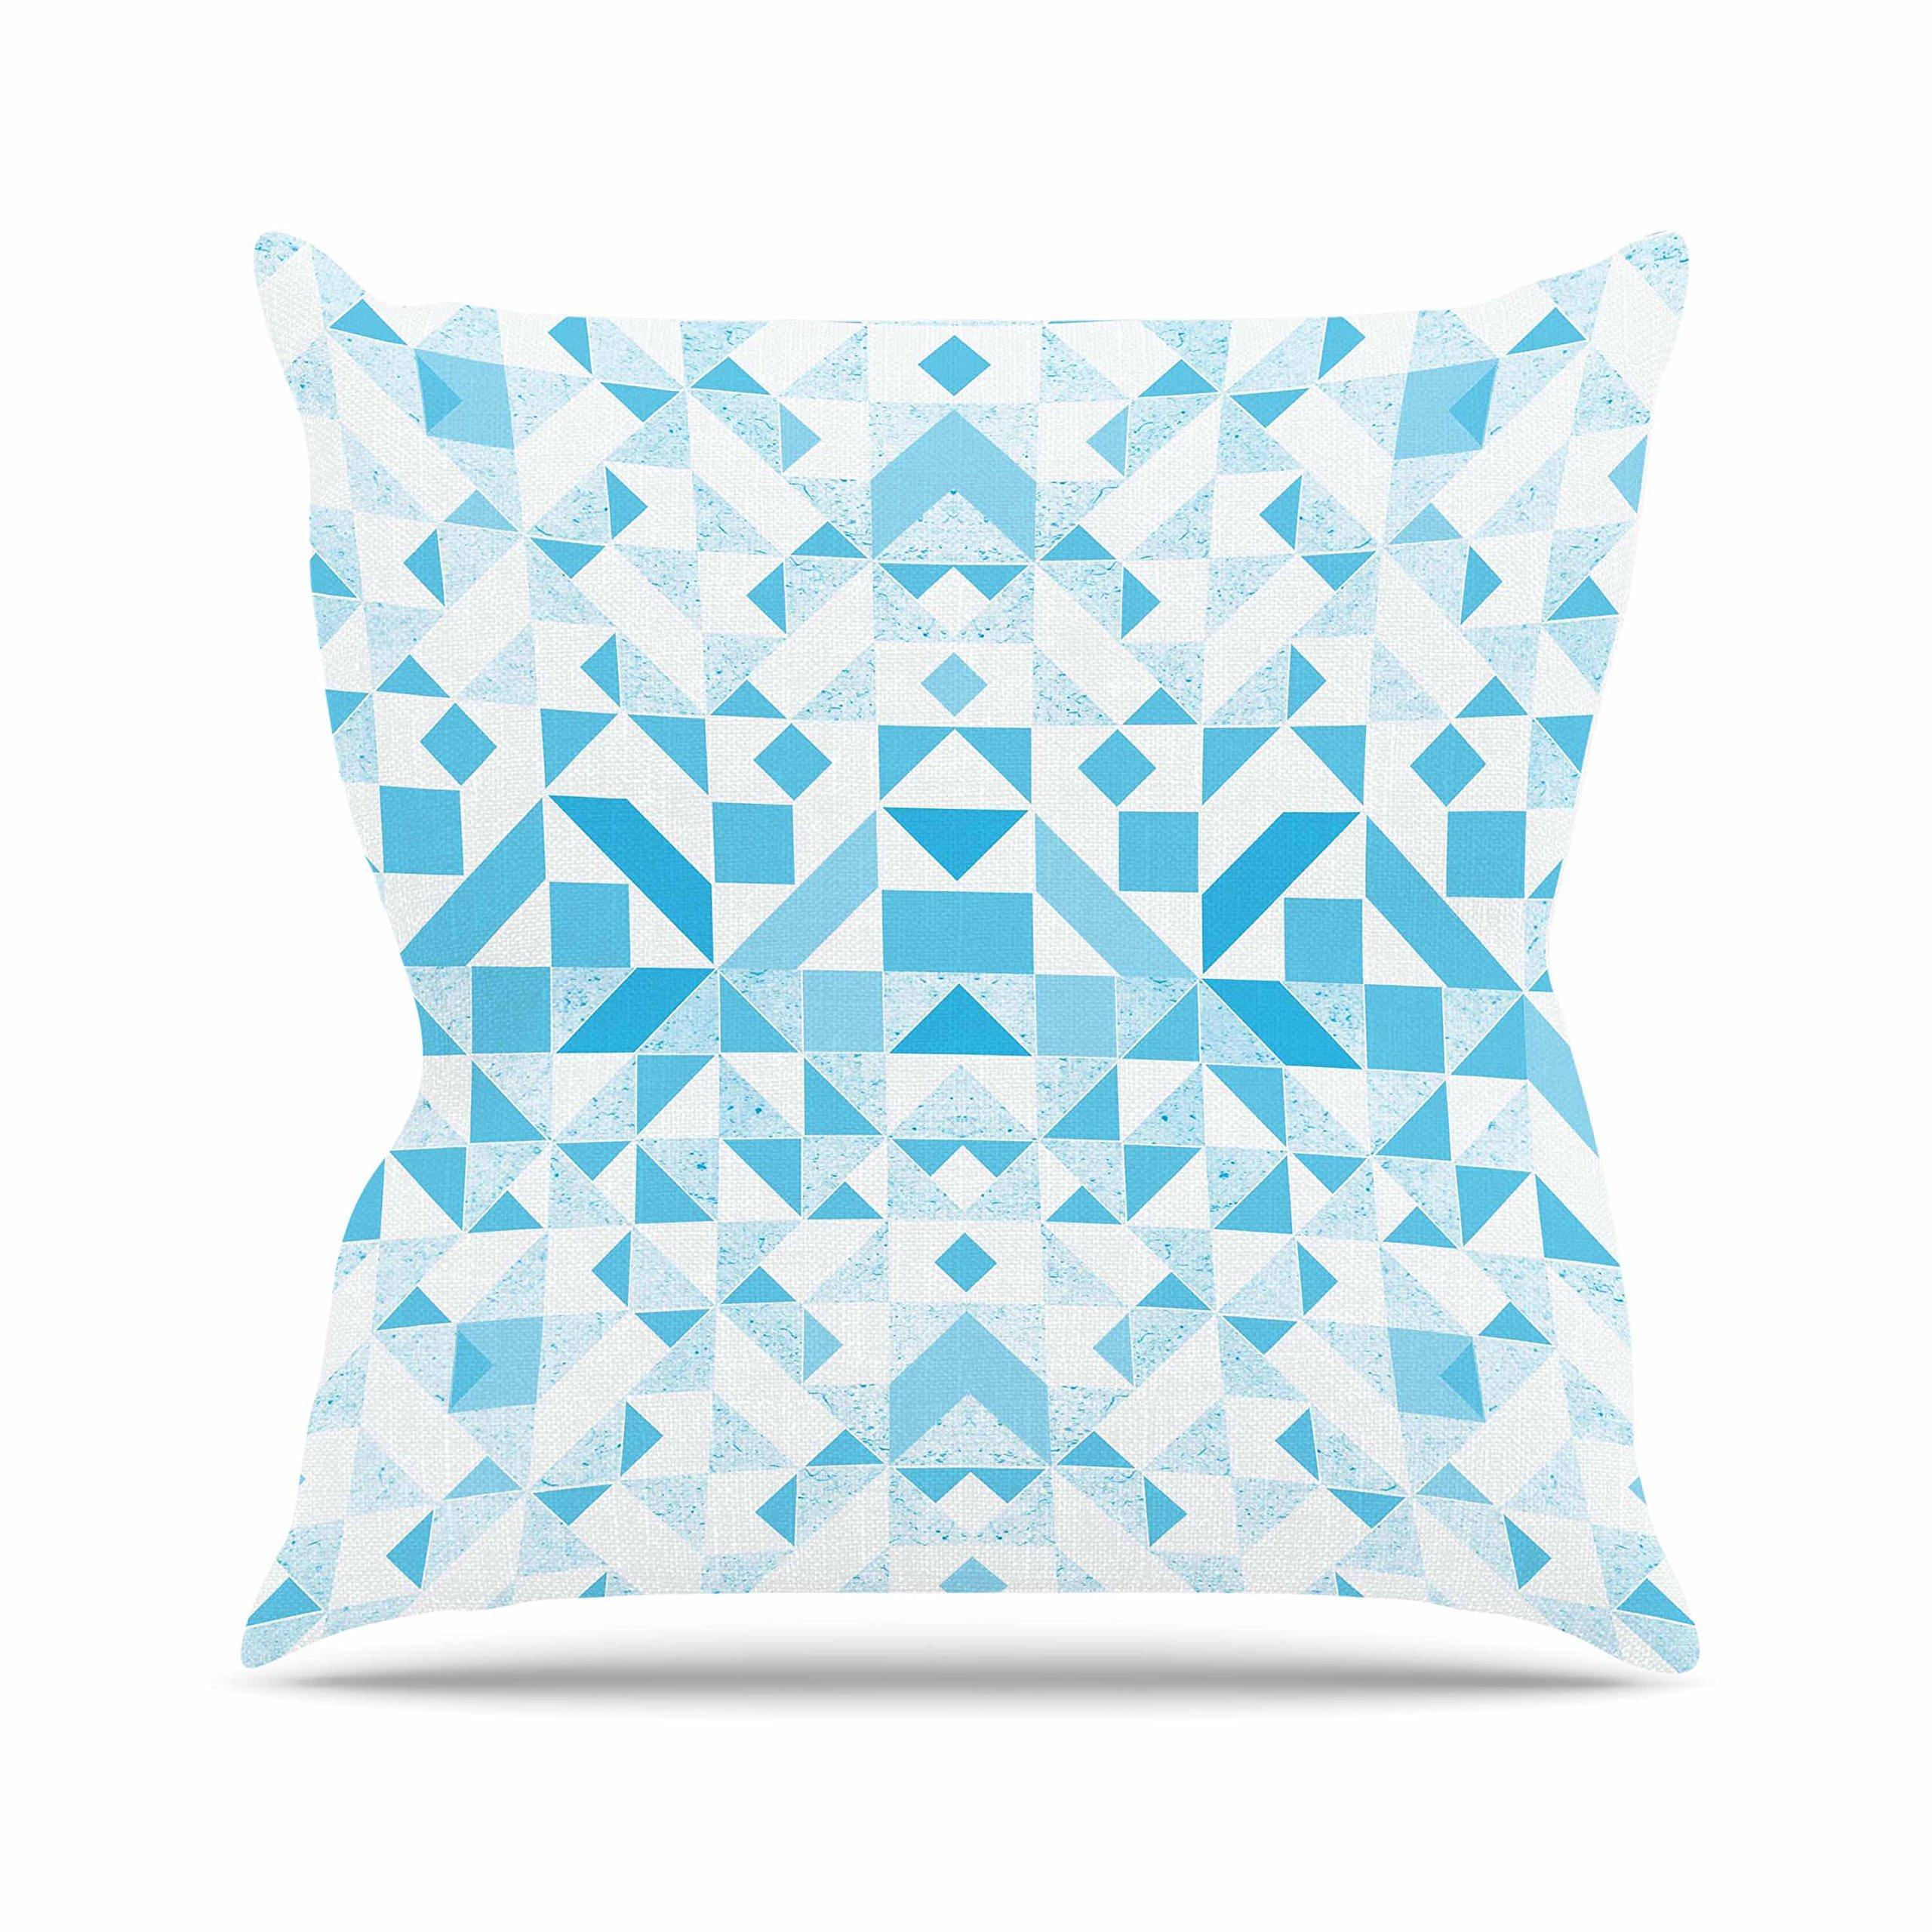 Kess InHouse Vasare Nar Light Blue Geometric Digital Blue Outdoor Throw Pillow, 16'' x 16''